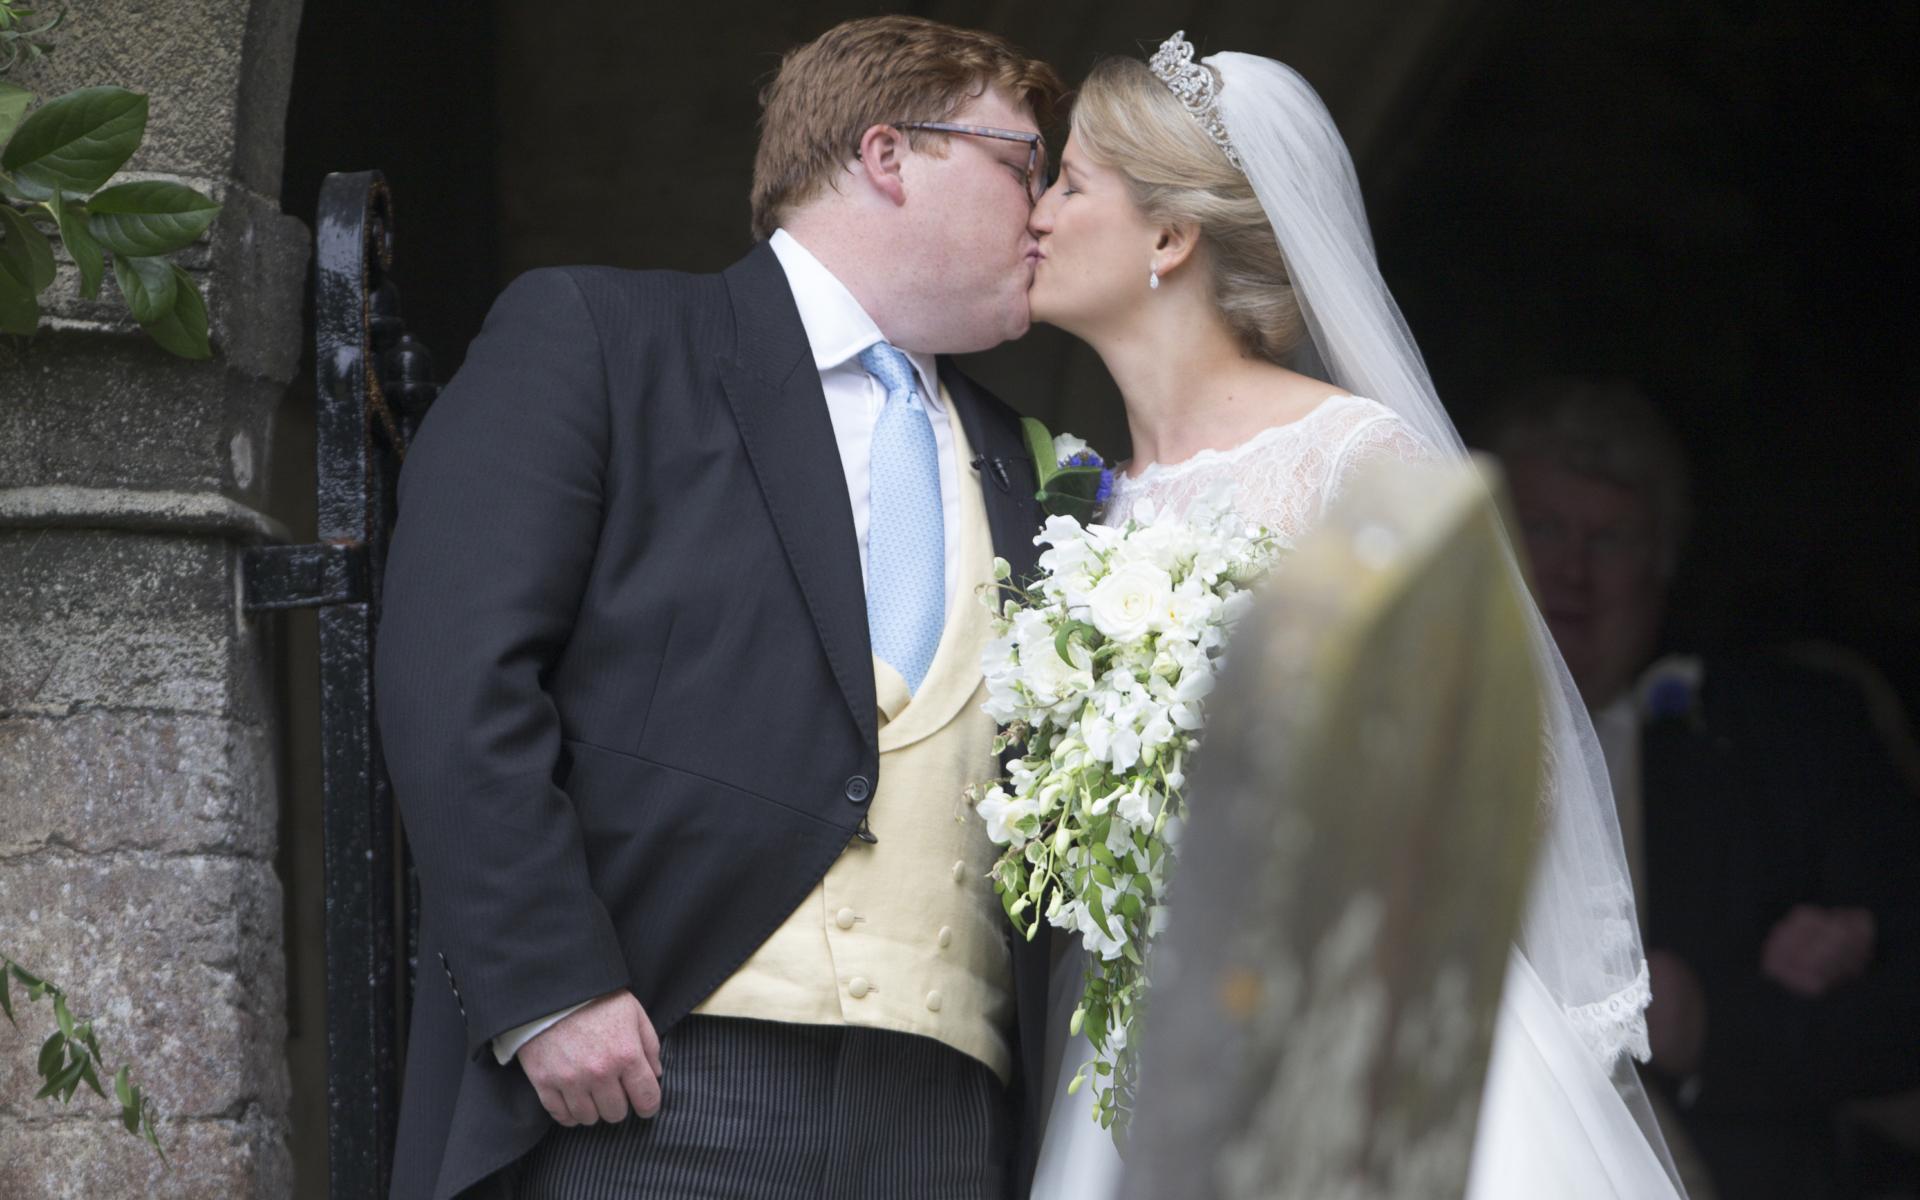 Tiara Prințesei Diana, purtată de Celia McCorquodale în ziua nunții ei! Bijuteria nu a mai fost văzută de la moartea regretatei Lady Di